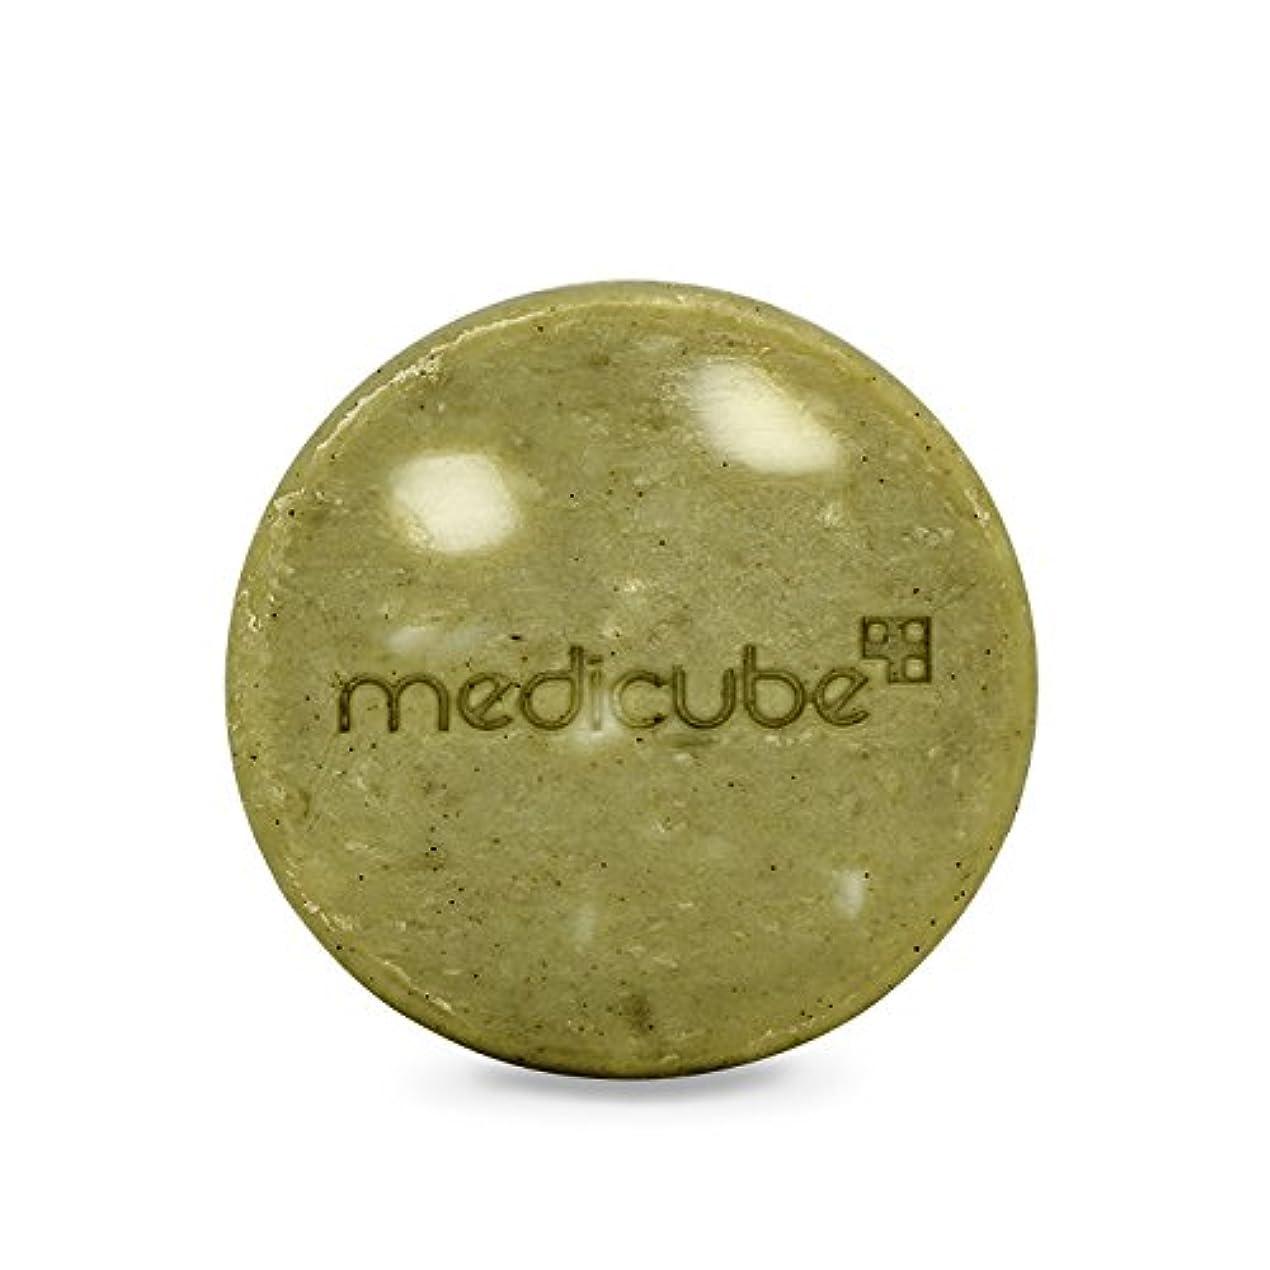 馬鹿げたペネロペペインティング[Medicube]Red Body Bar / メディキューブレッドボディバー / 正品?海外直送商品 [並行輸入品]